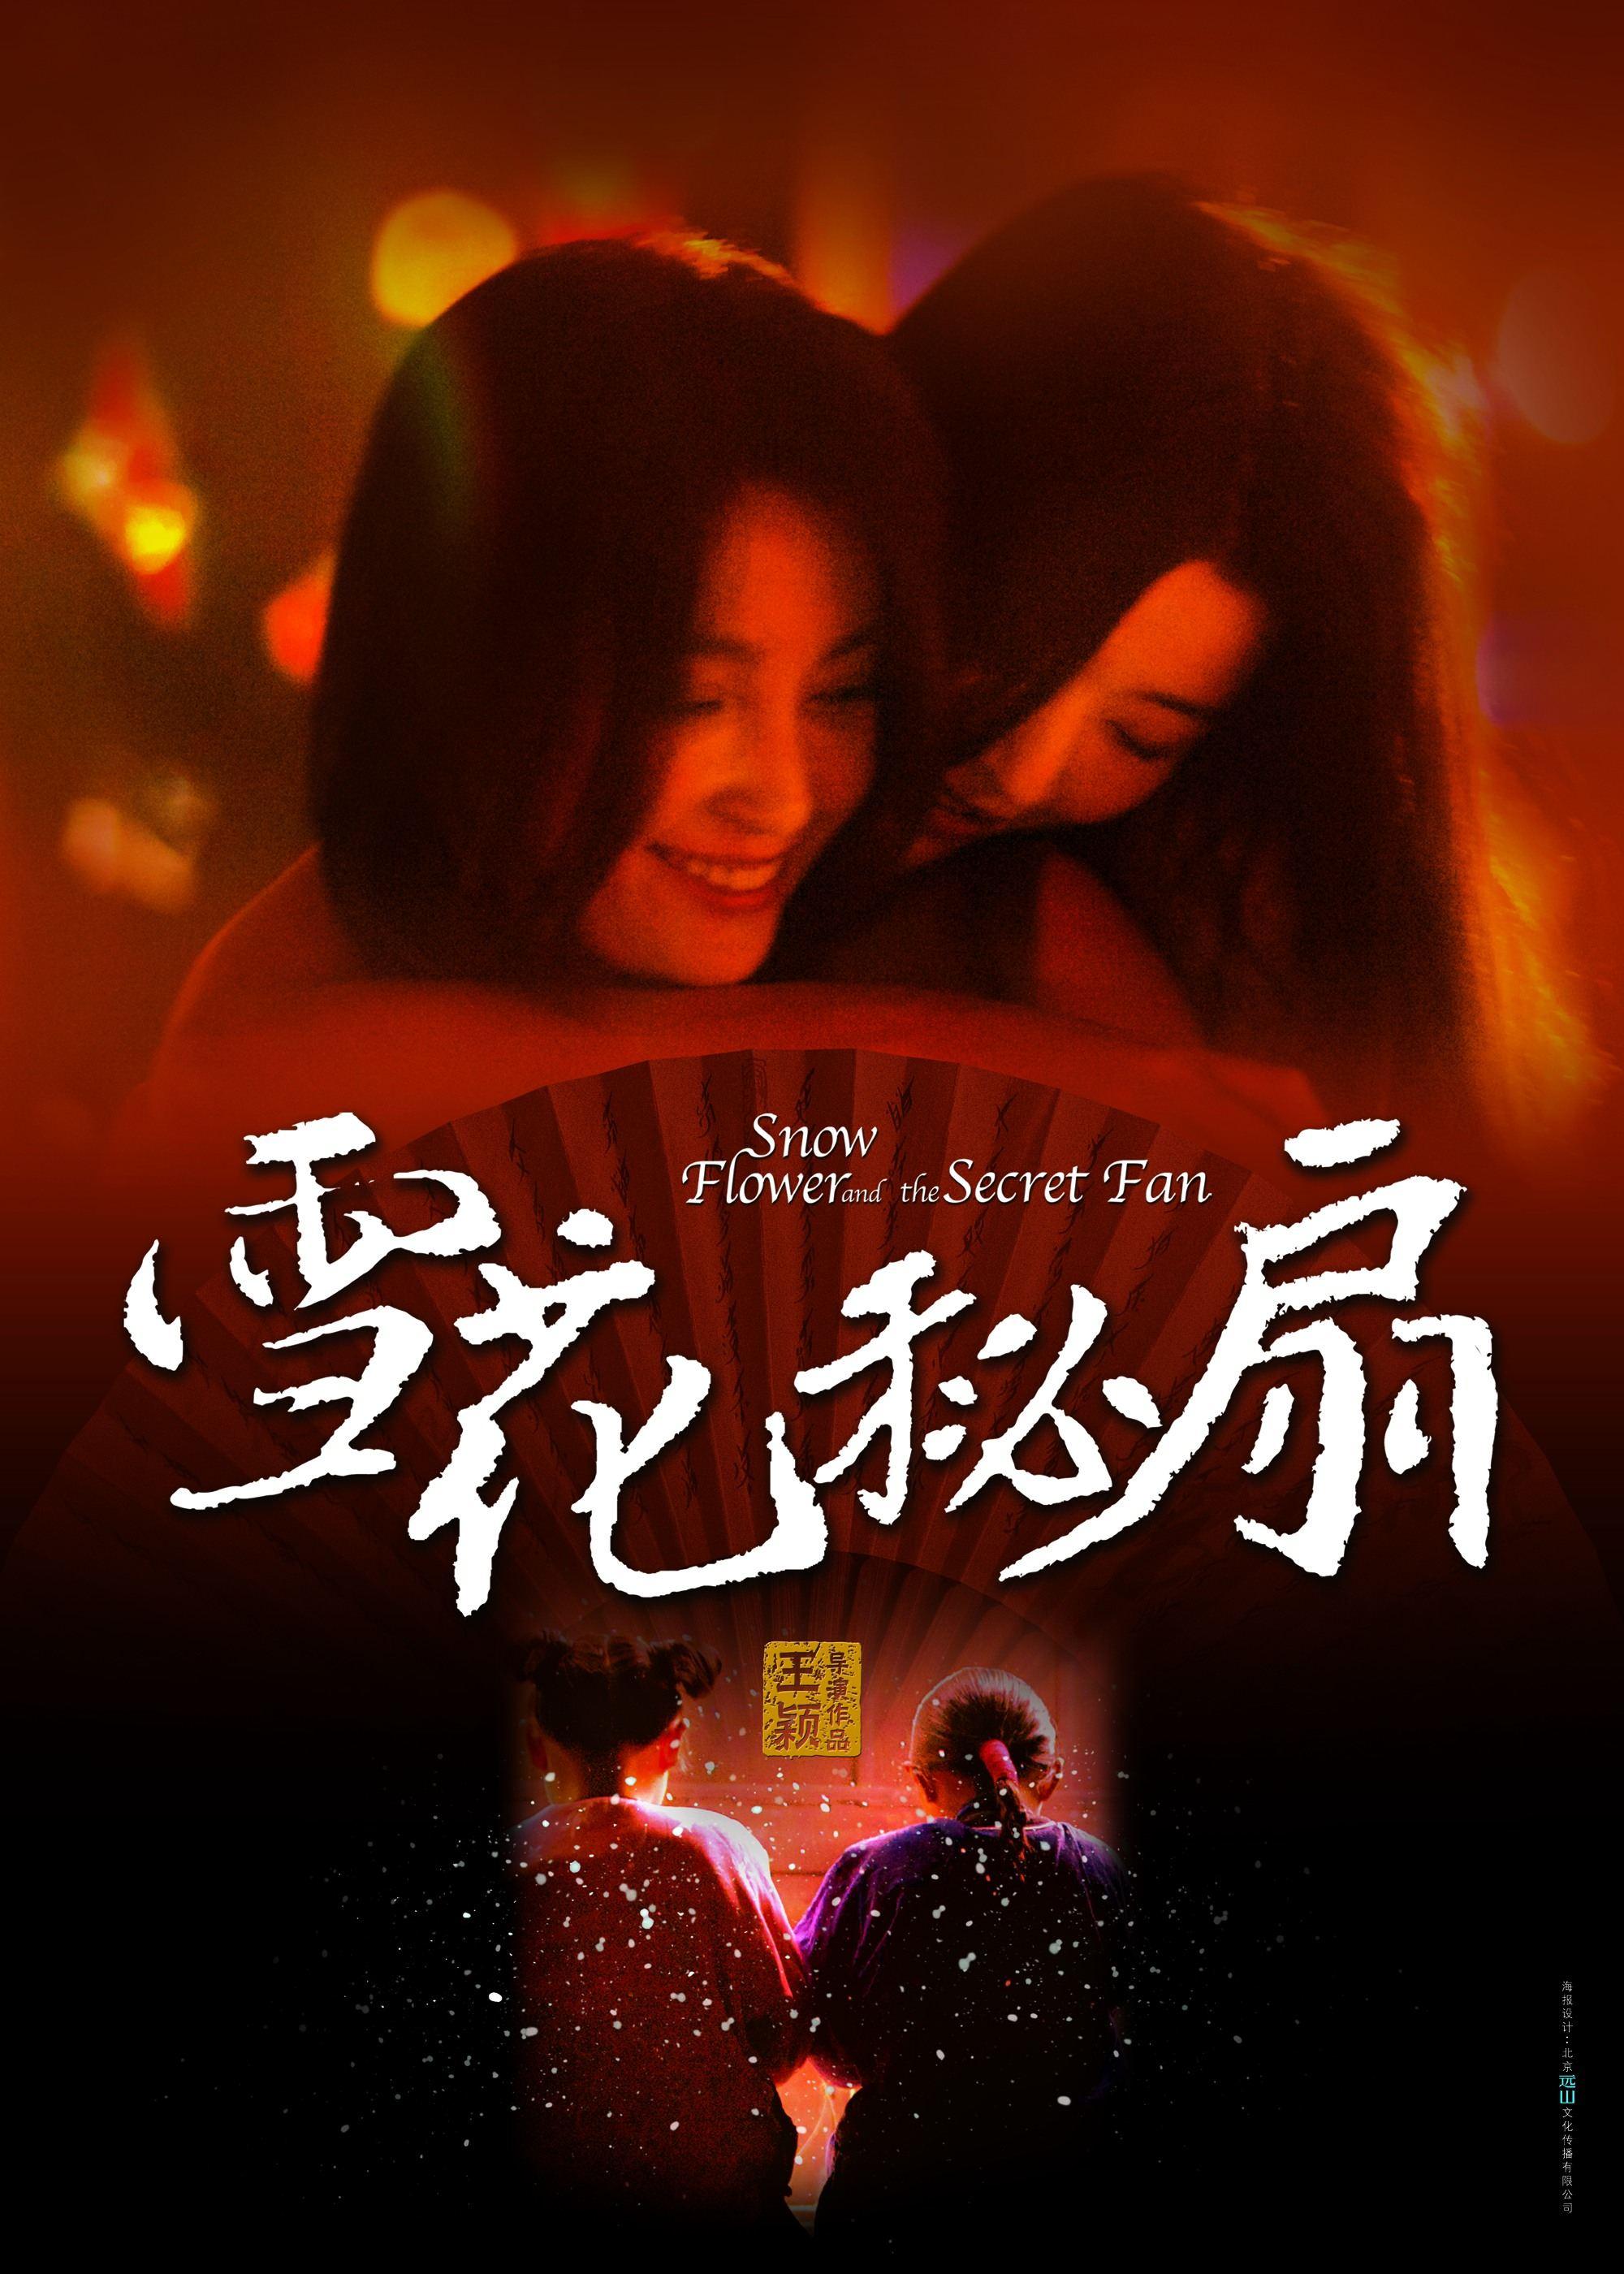 плакат фильма постер Снежный цветок и заветный веер*